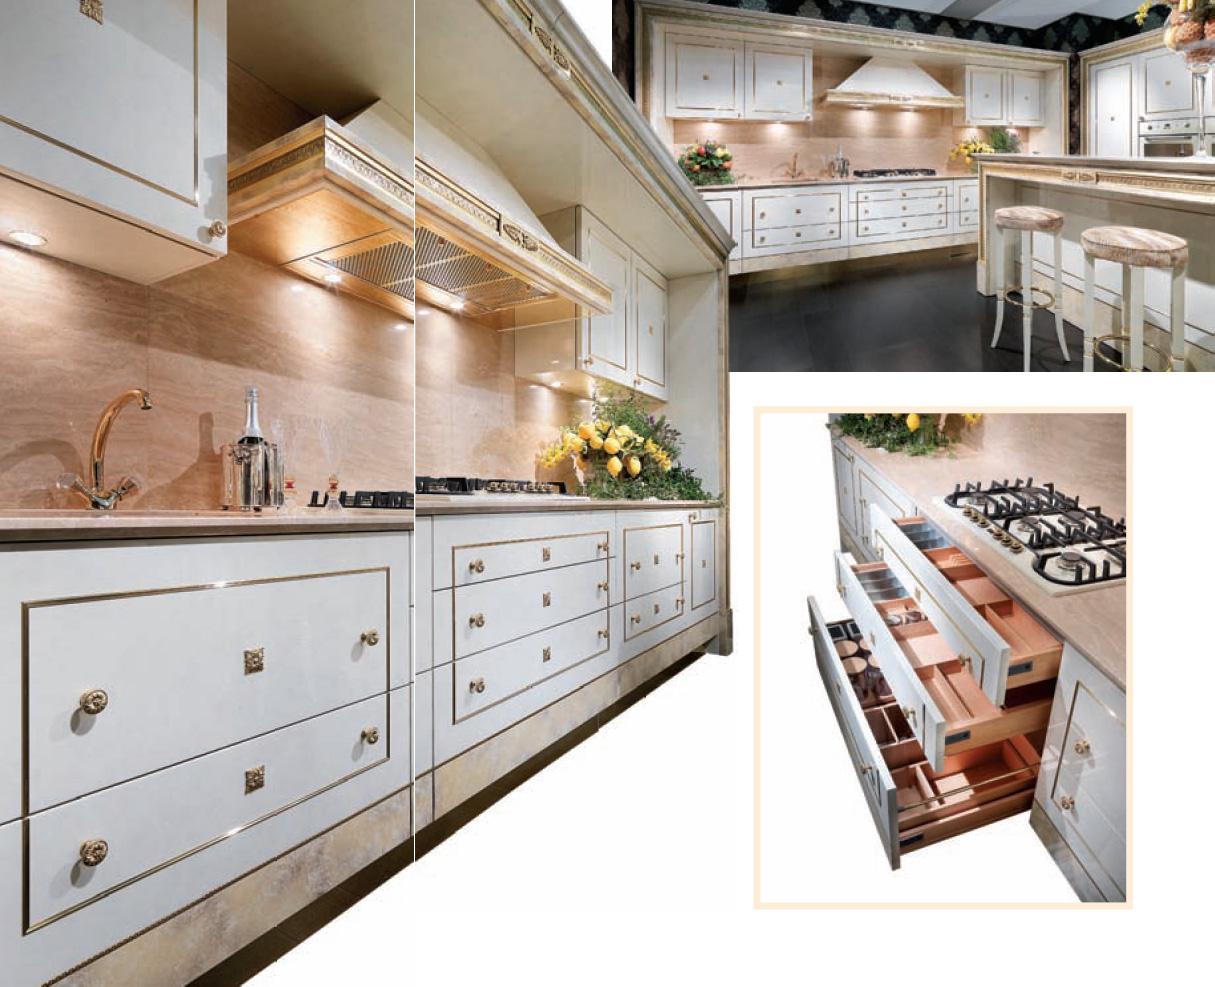 Kitchen Remodeling Photos: Kitchen Remodeling Photos Turri Arcade ...